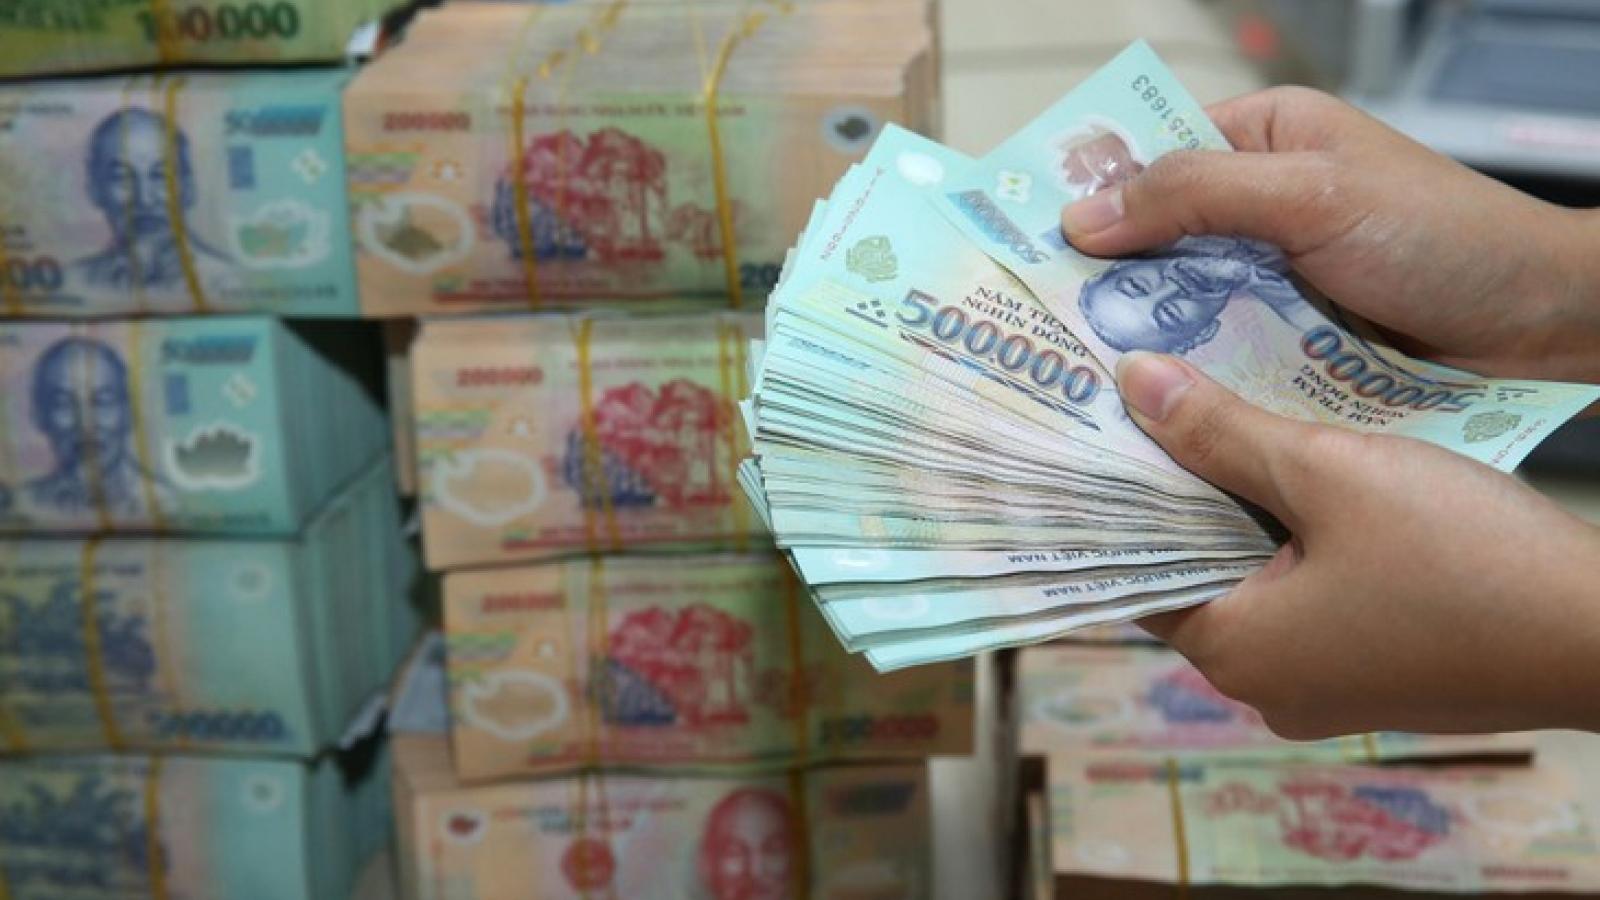 Chính phủ trả nợ gần 267.000 tỷ đồng trong 8 tháng